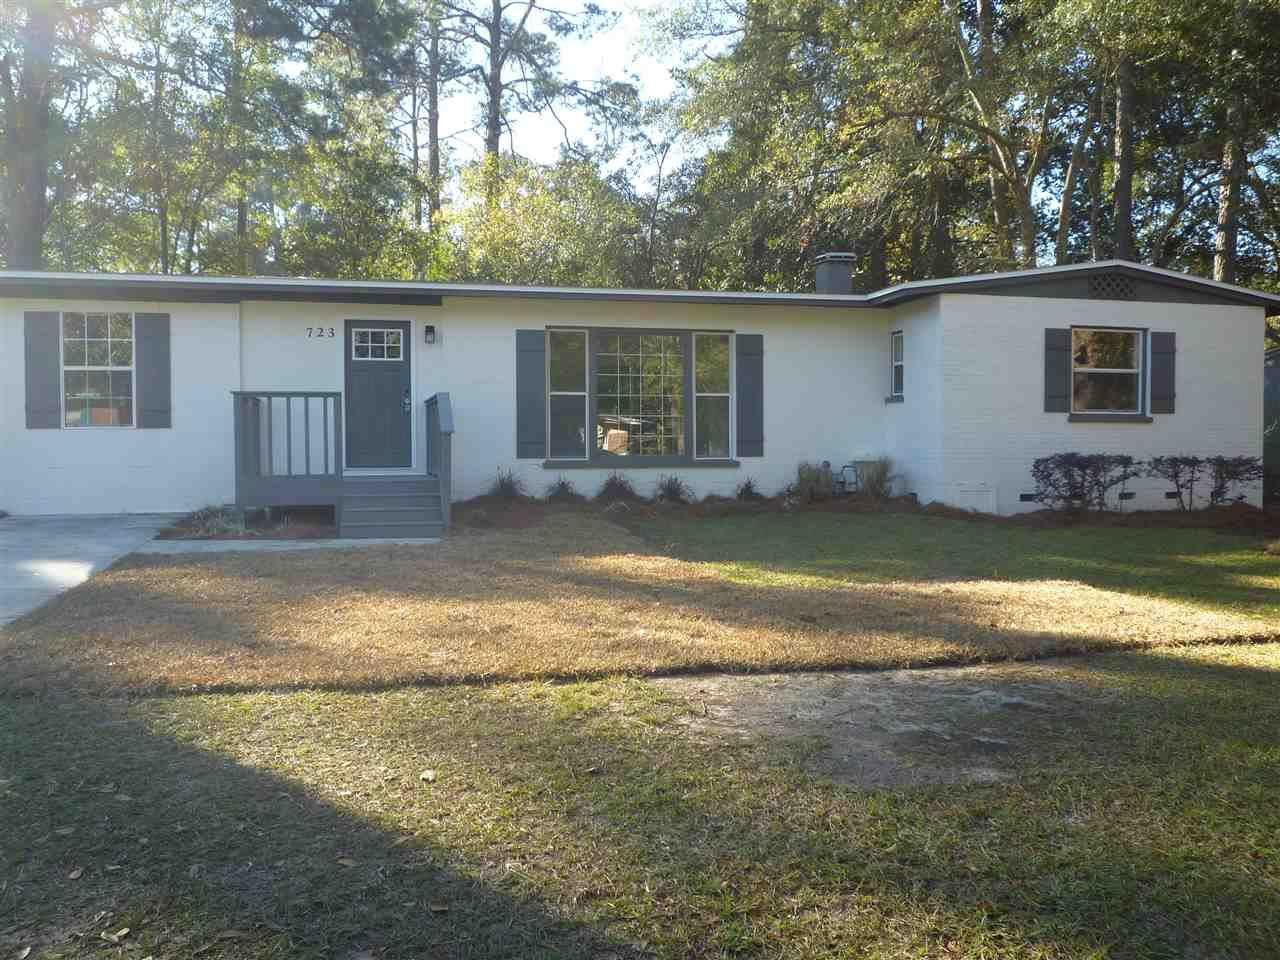 723 Cochran Drive, Tallahassee, FL 32301 - MLS#: 326676